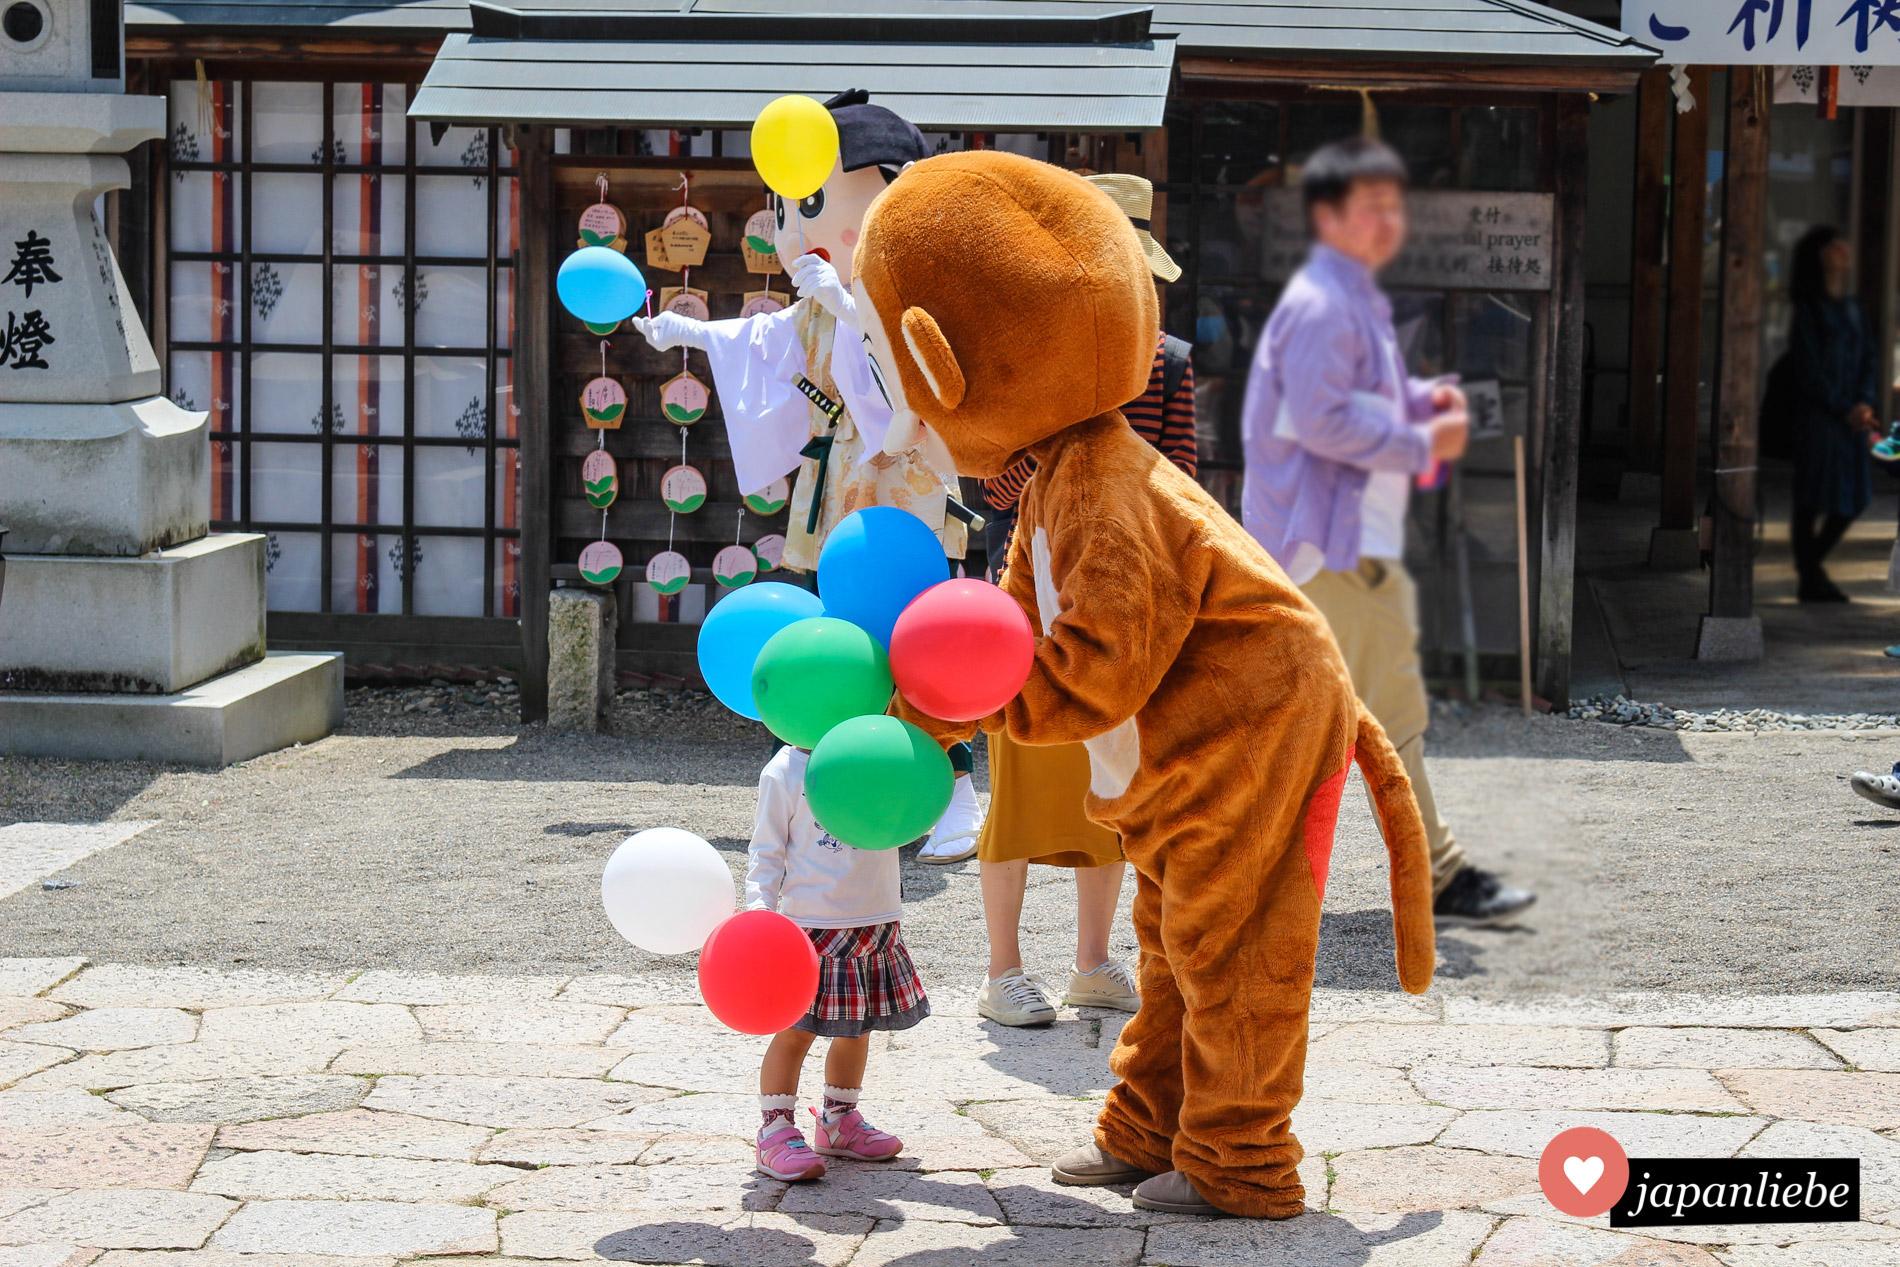 Am Tag der Kinder laufen am Kibitsuhiko-Schrein in Okayama Momotarō und seine tierischen Freunde herum und verteilen Luftballons.